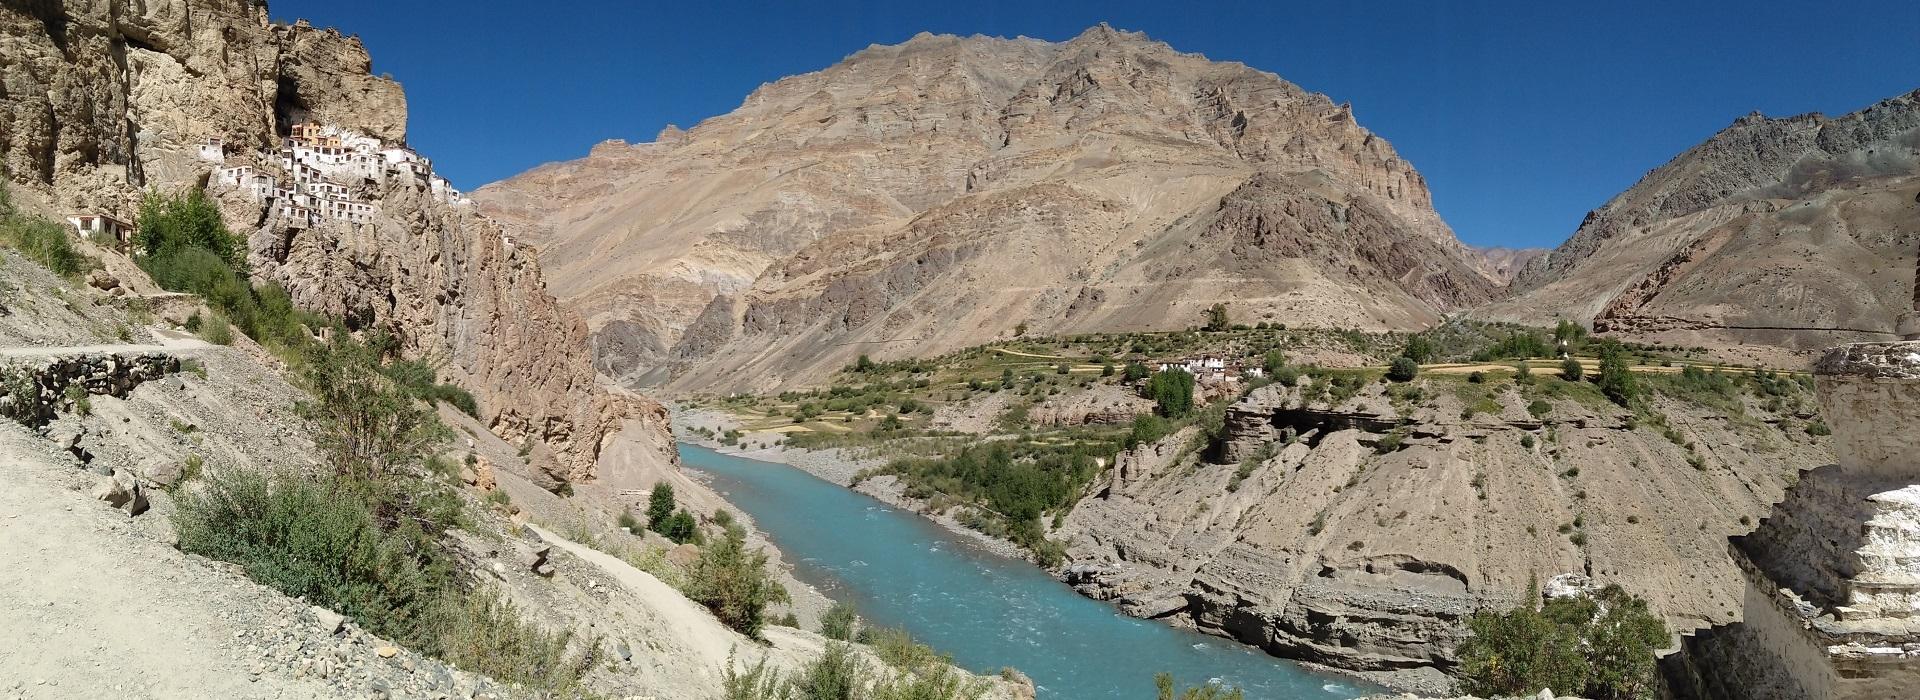 Phugtal Gompa - Zanskar